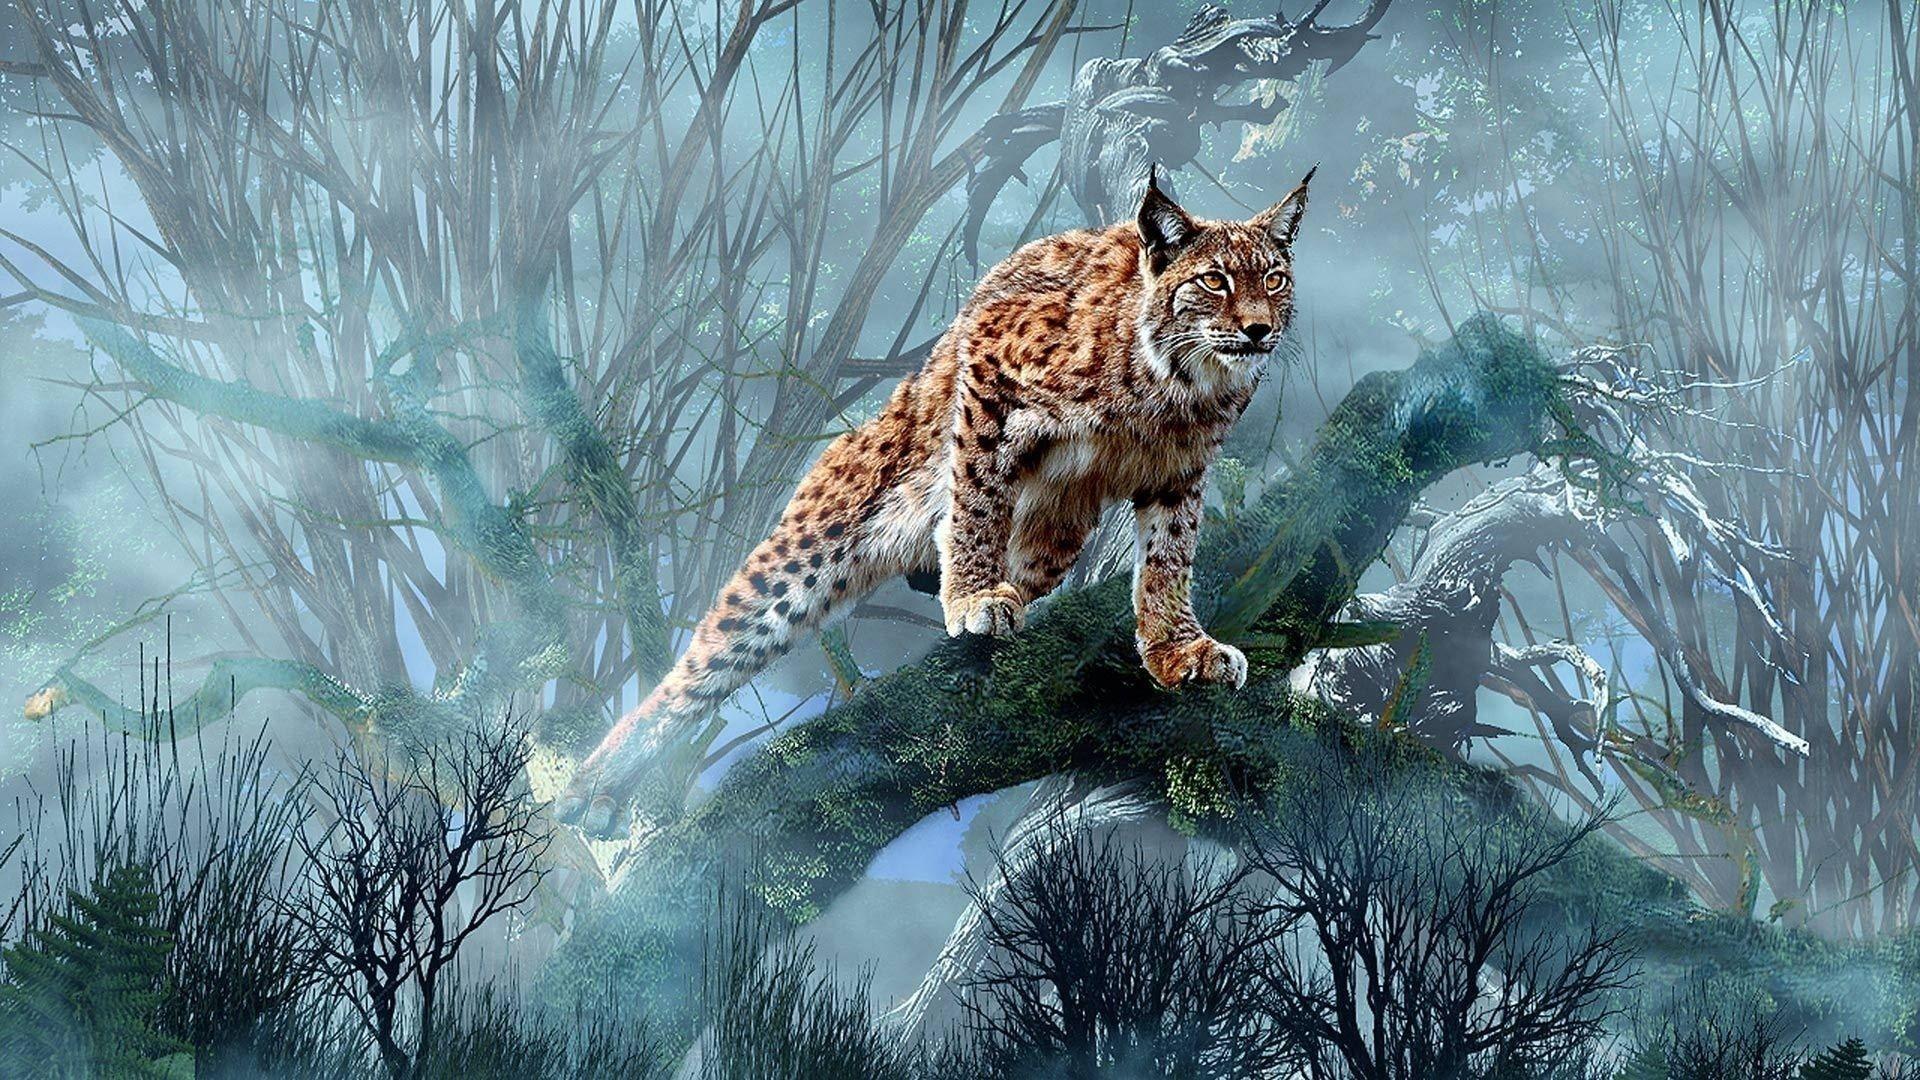 Lynx Big Cat Android Tablet Wallpaper Nature Art Artwork Tabletwallpapers Bigcats Animals Pets Cats Big Cats